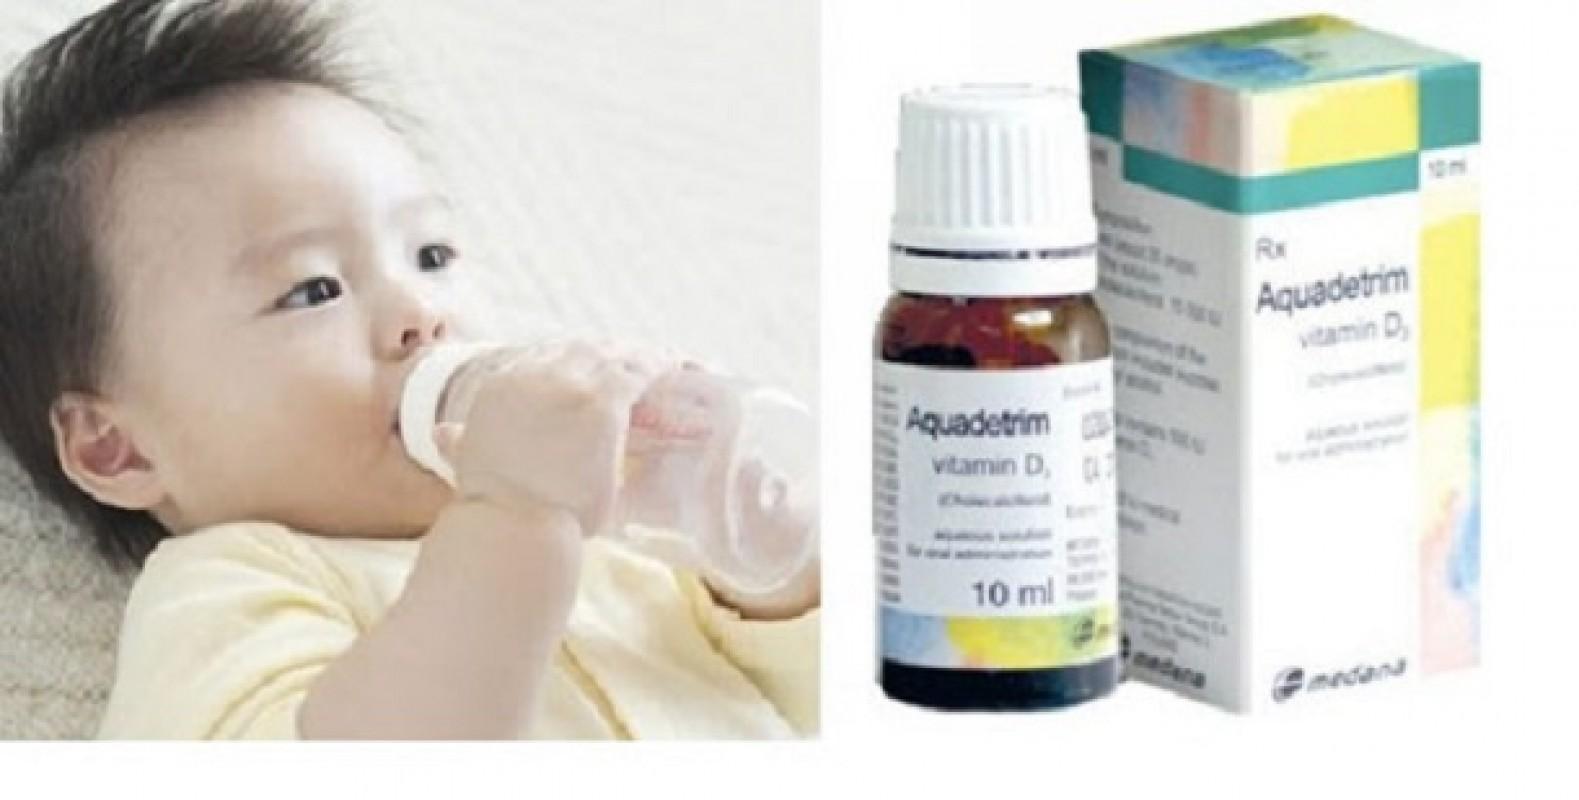 Tại Sao Vitamin D3 Aquadetrim Gây Biếng Ăn Ở Trẻ Sơ Sinh?